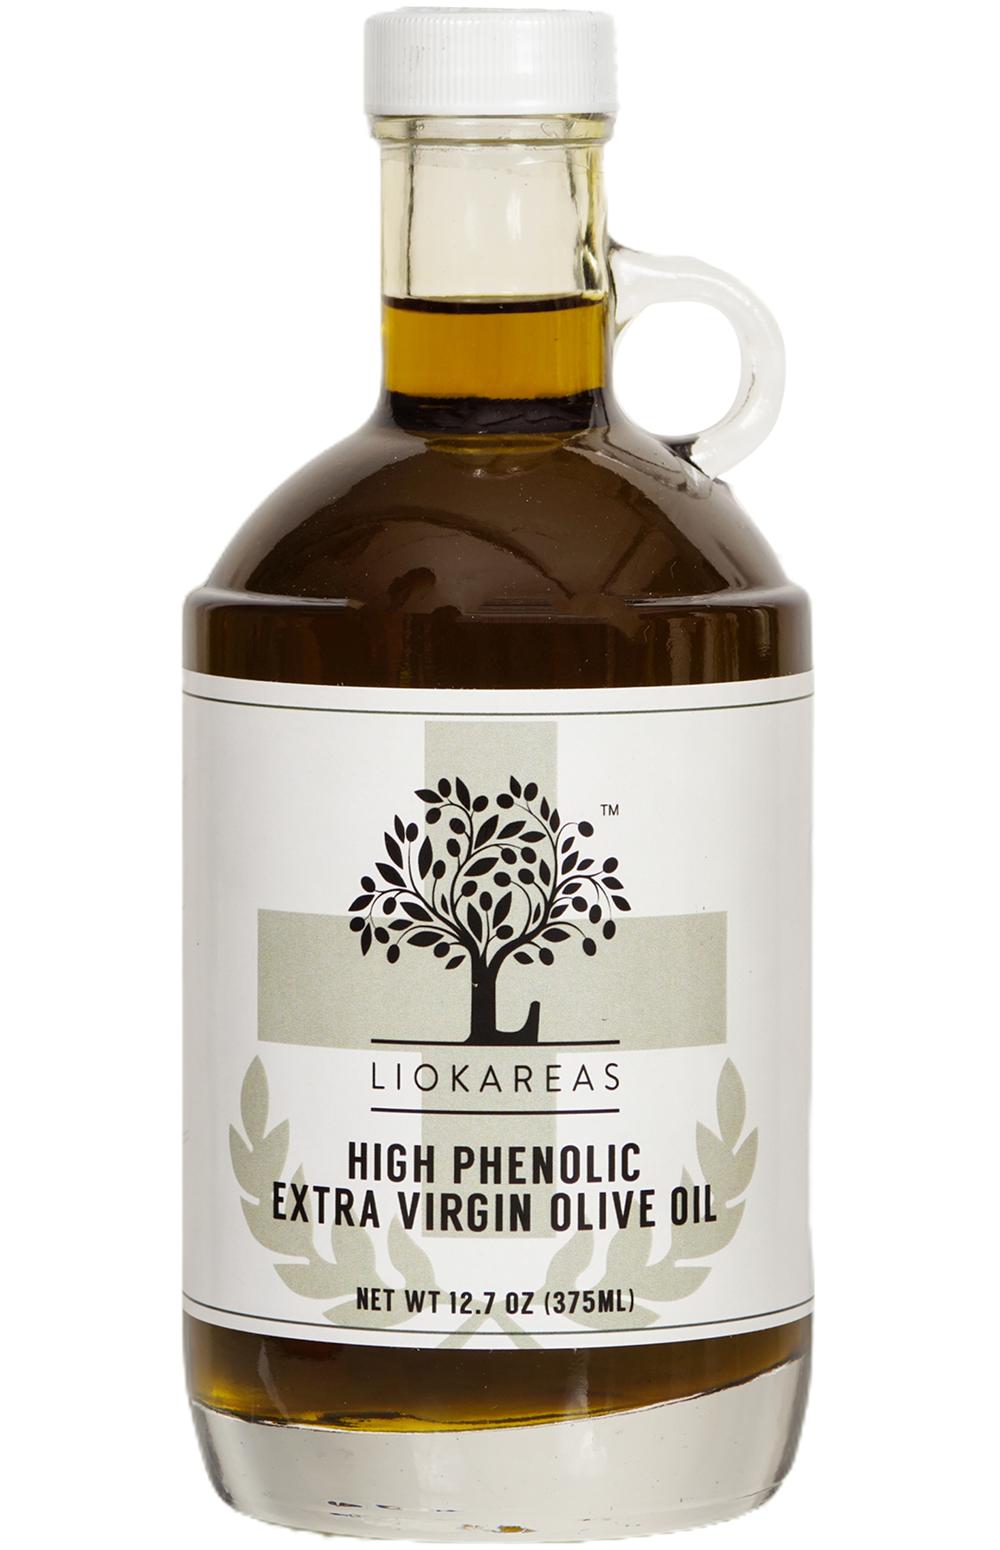 Liokareas High Phenolic